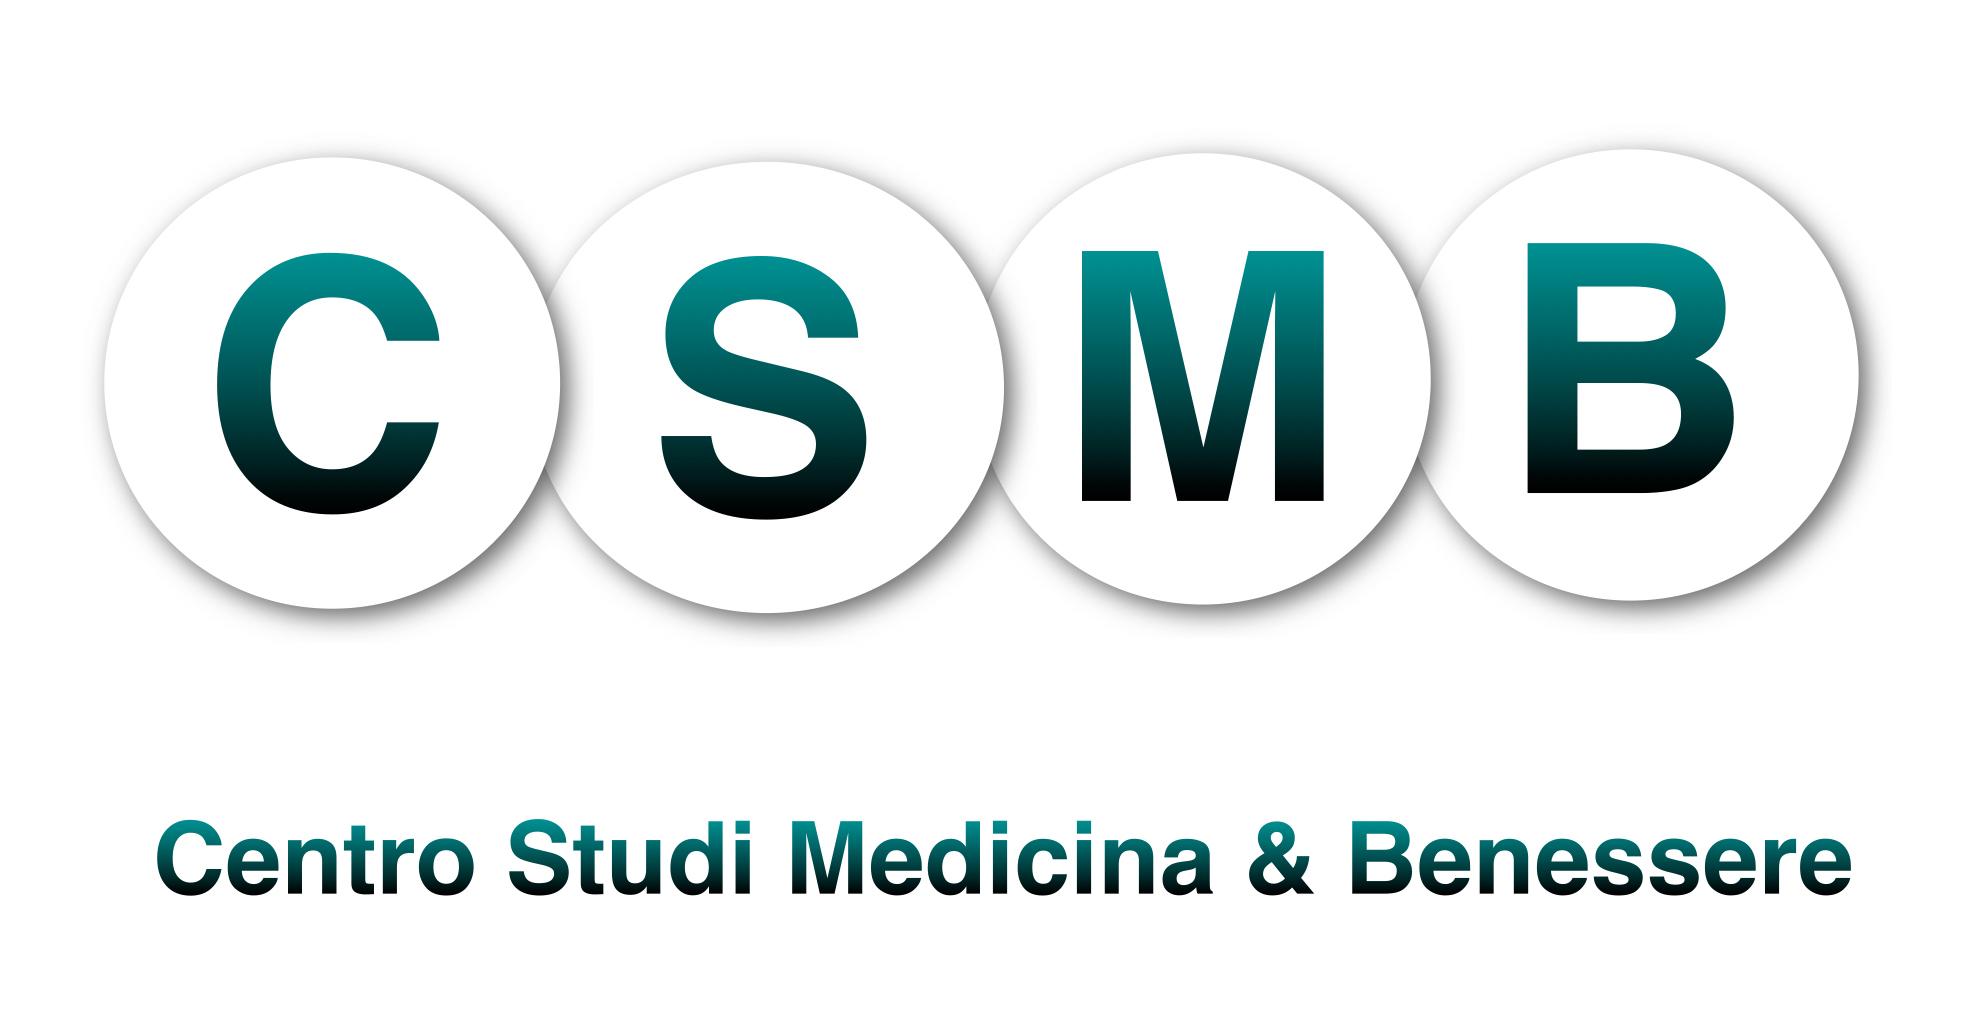 centro studi medicina benessere parma